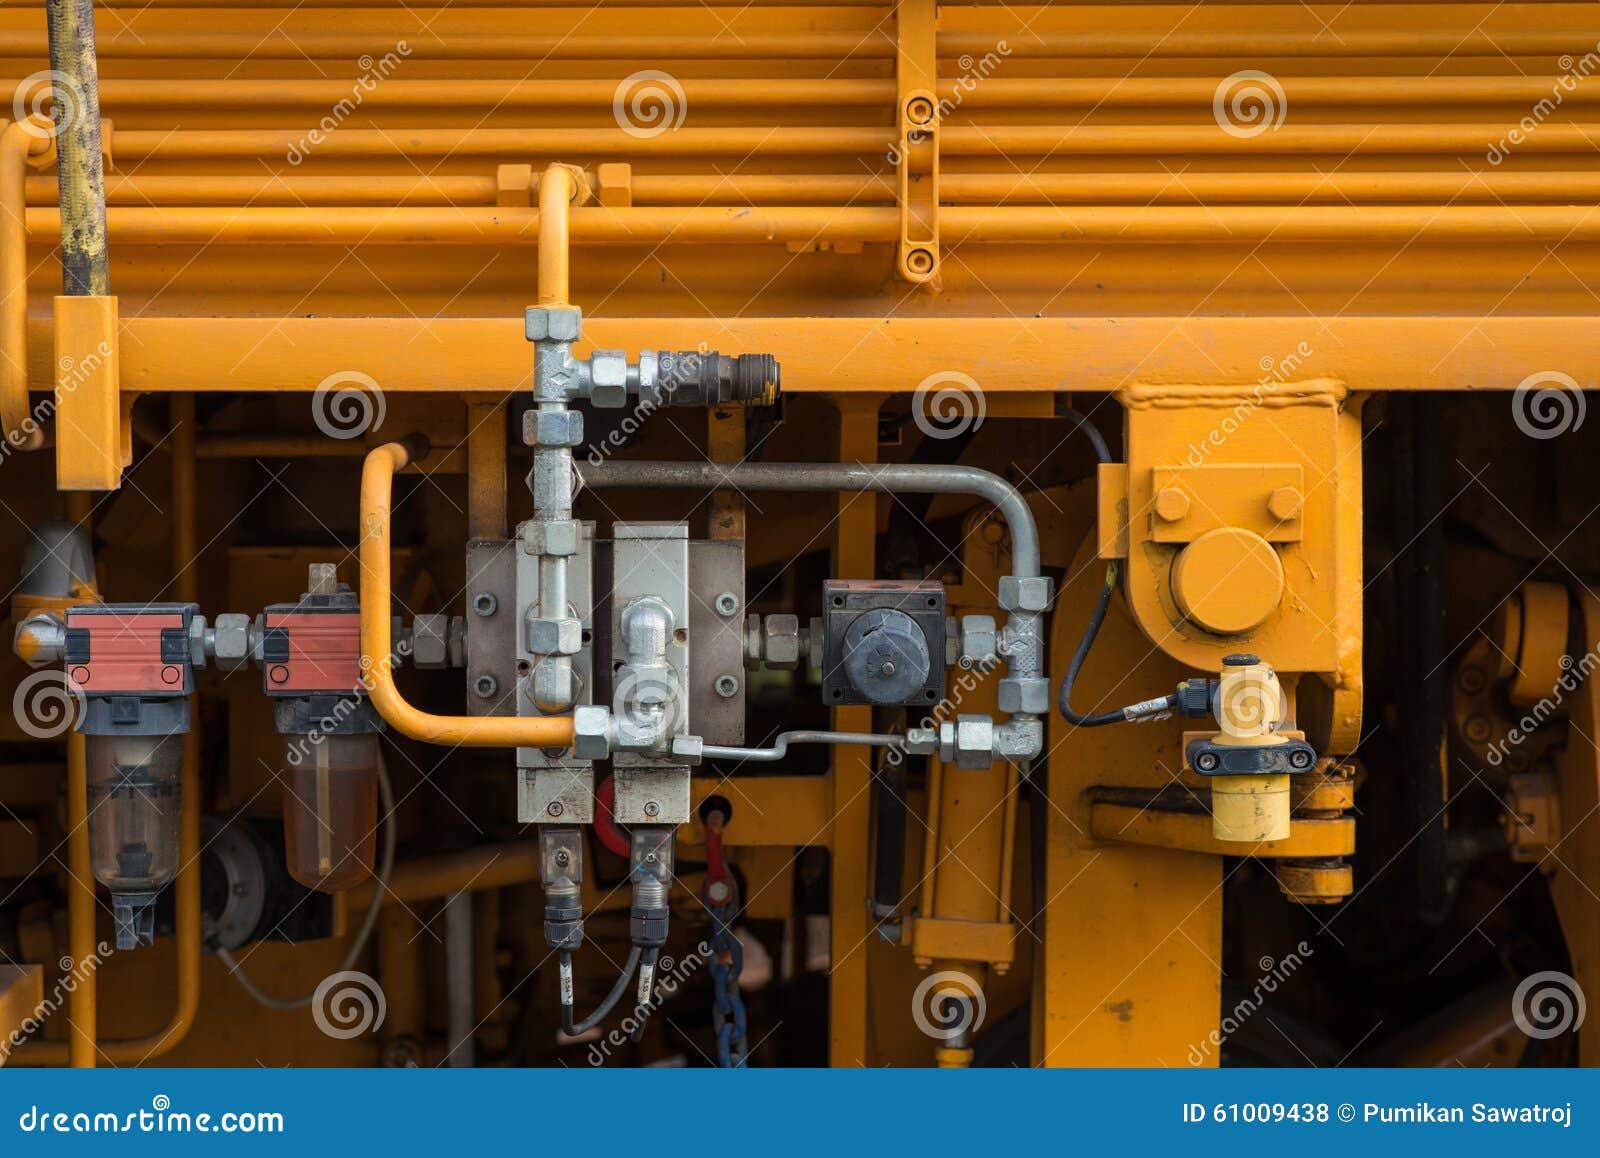 Hydrauliczne tubki, dopasowania i dźwignie na pulpicie operatora udźwig,